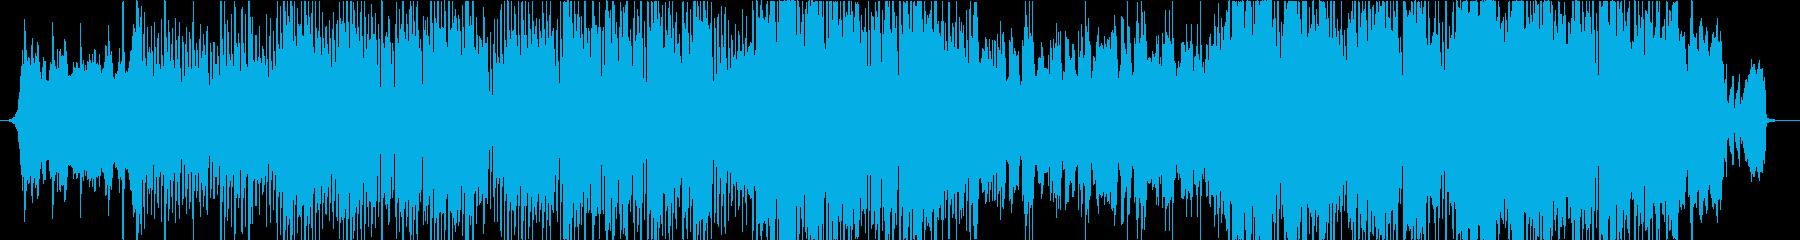 弦楽器を主体とした女性ボーカル曲の再生済みの波形